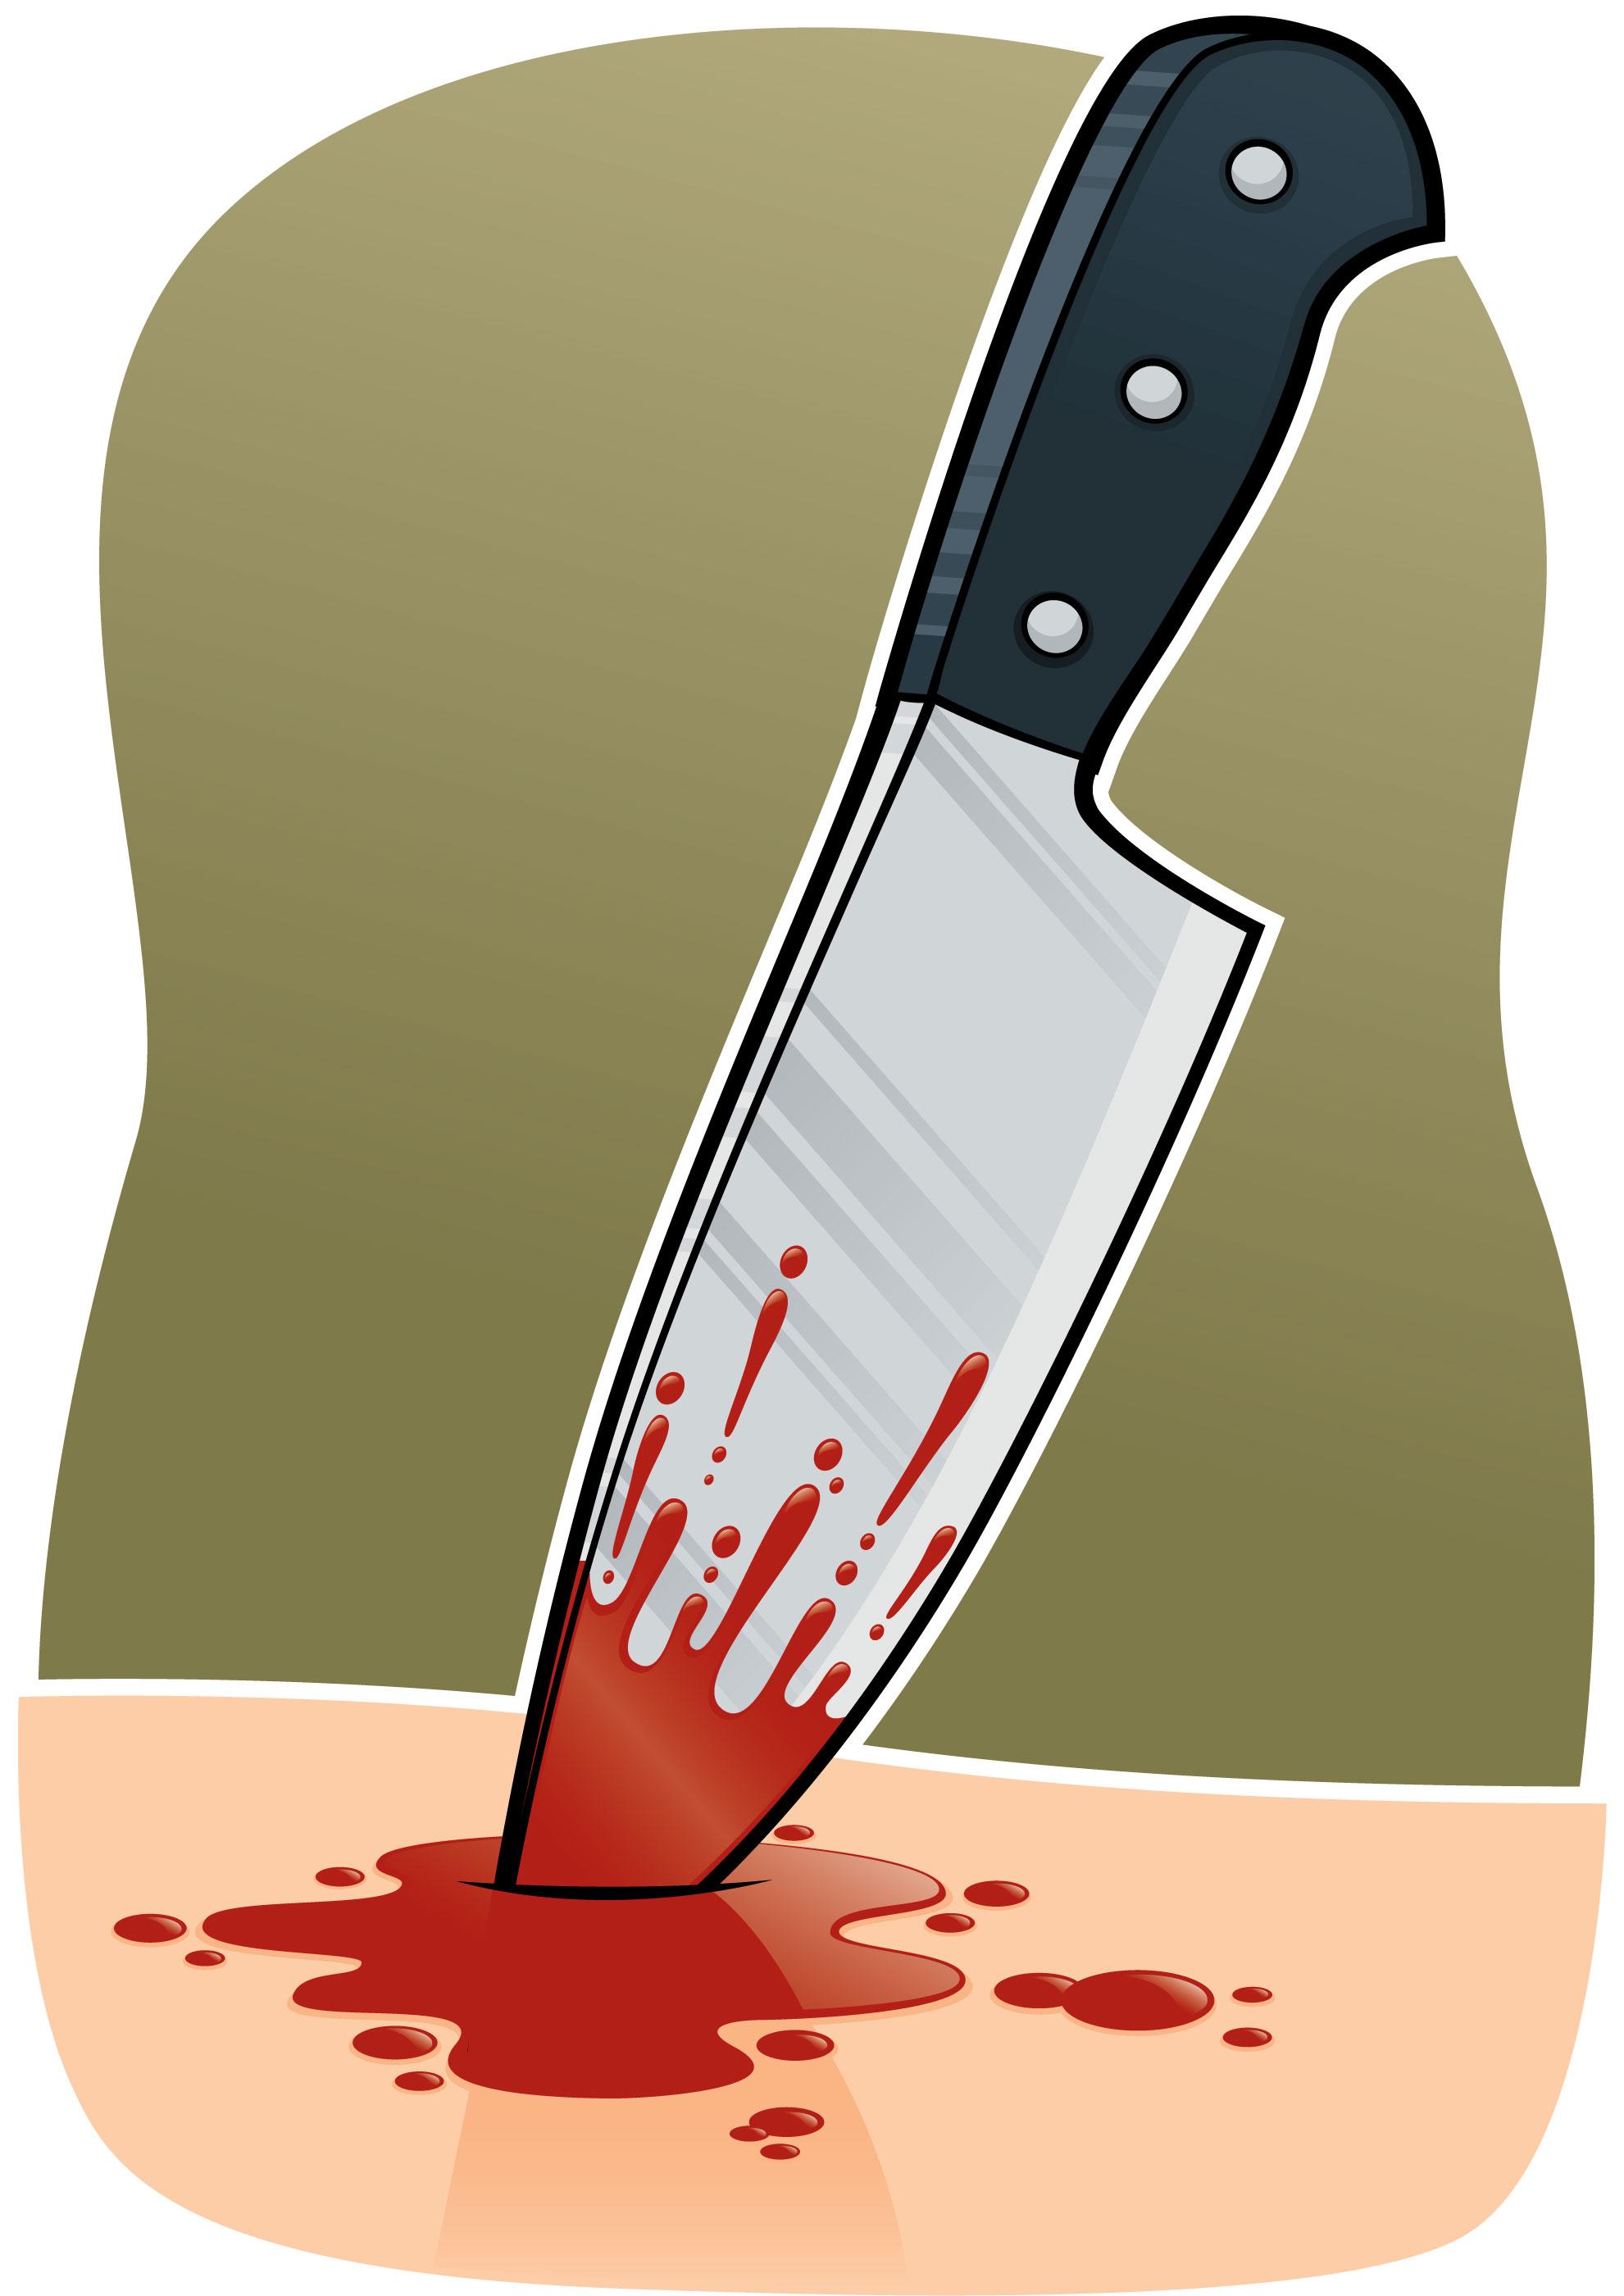 KitchenKnifeStabBlood.jpg